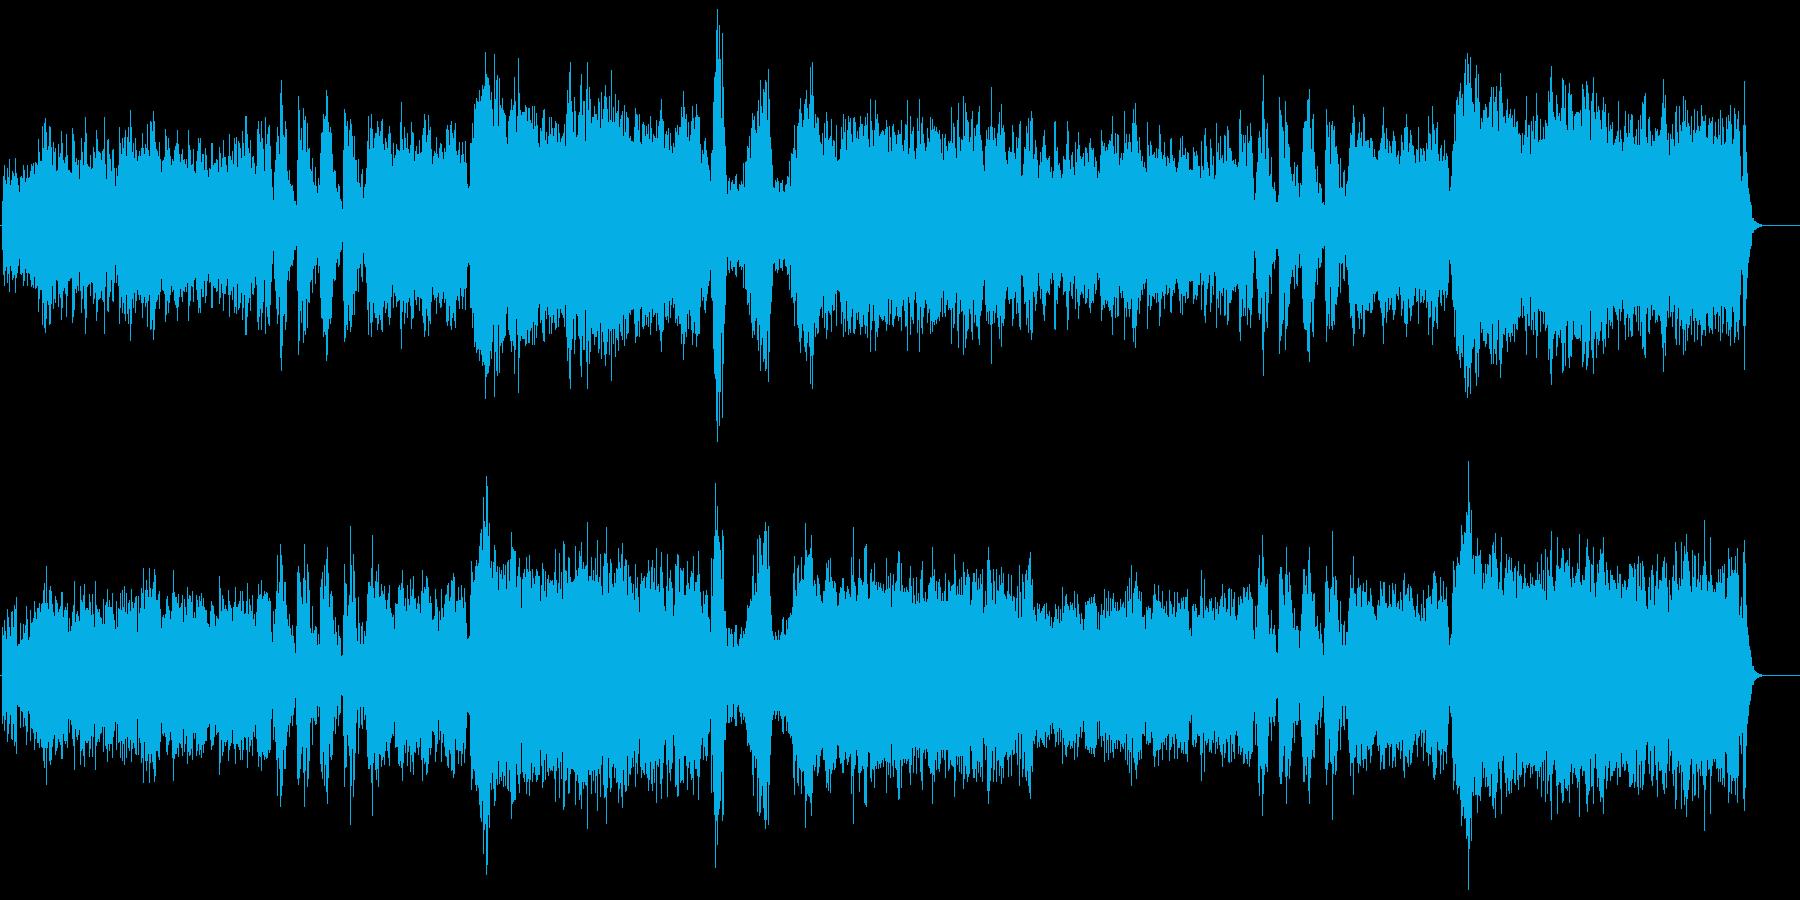 オーケストラと和太鼓による祭囃子の再生済みの波形